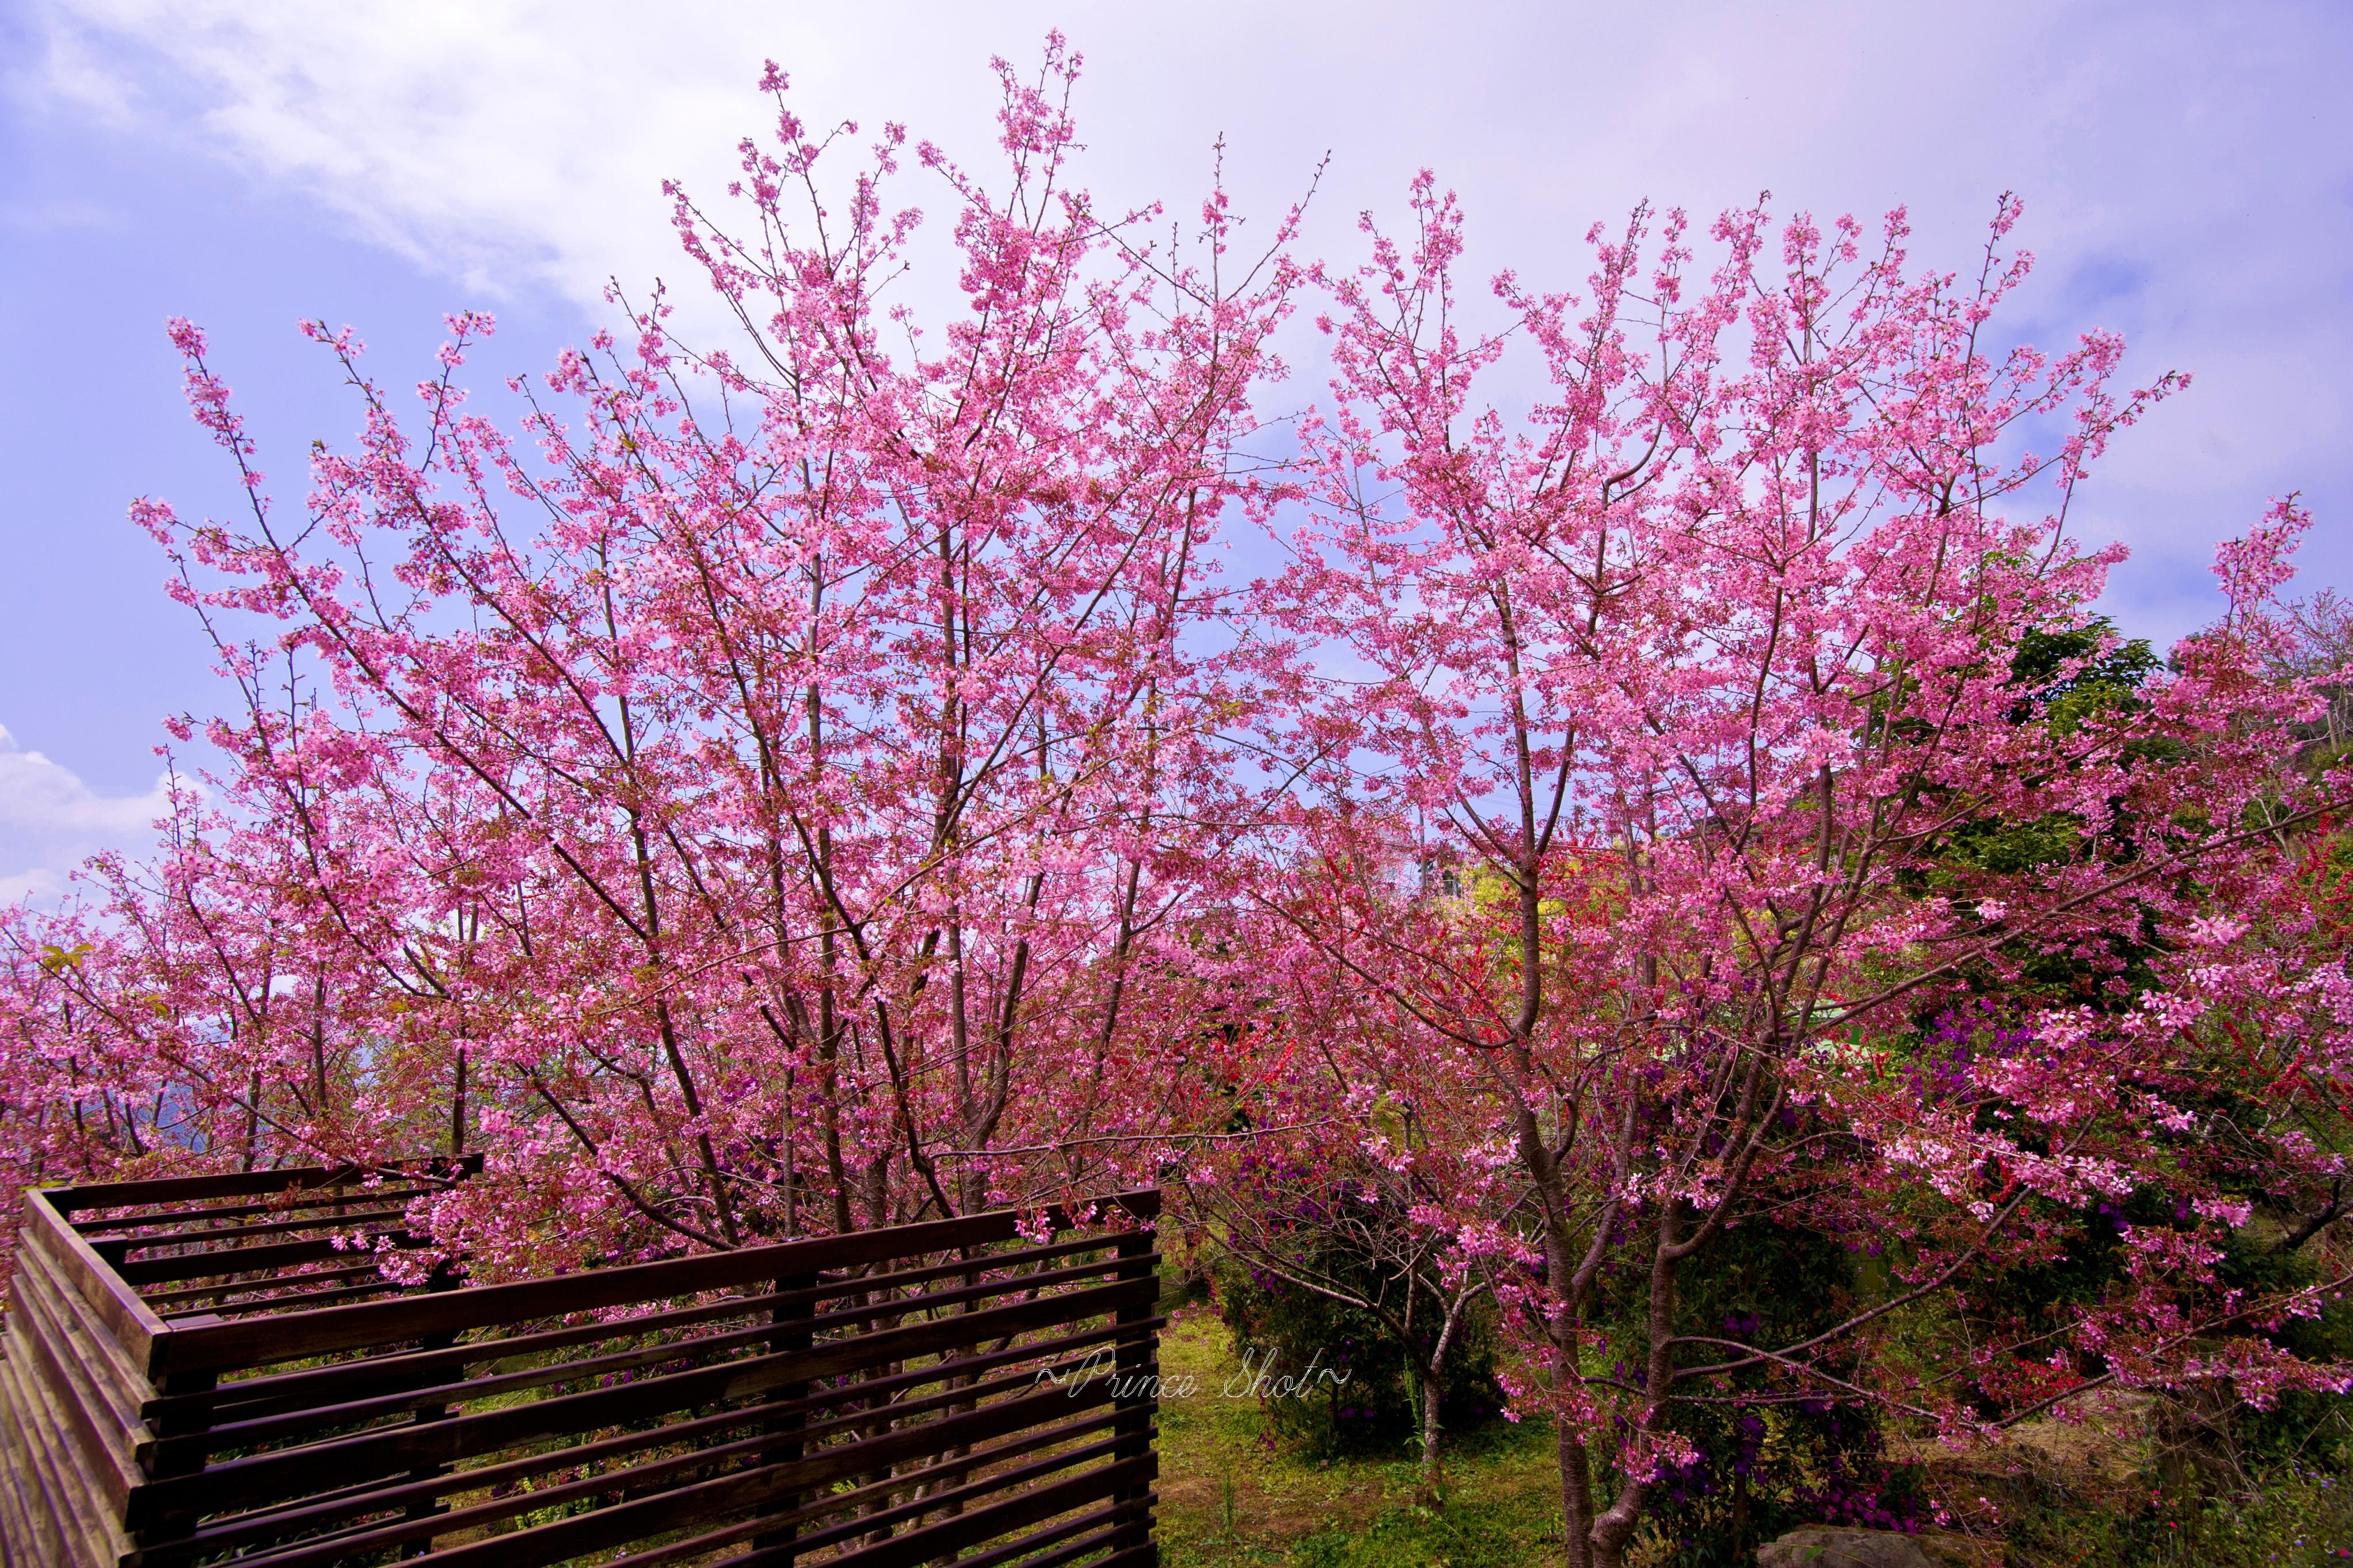 櫻花在臺灣嘉義阿里山_Cherry_blossom_-_Sakura_in_Alishan,_Chiayi,_TAIWAN